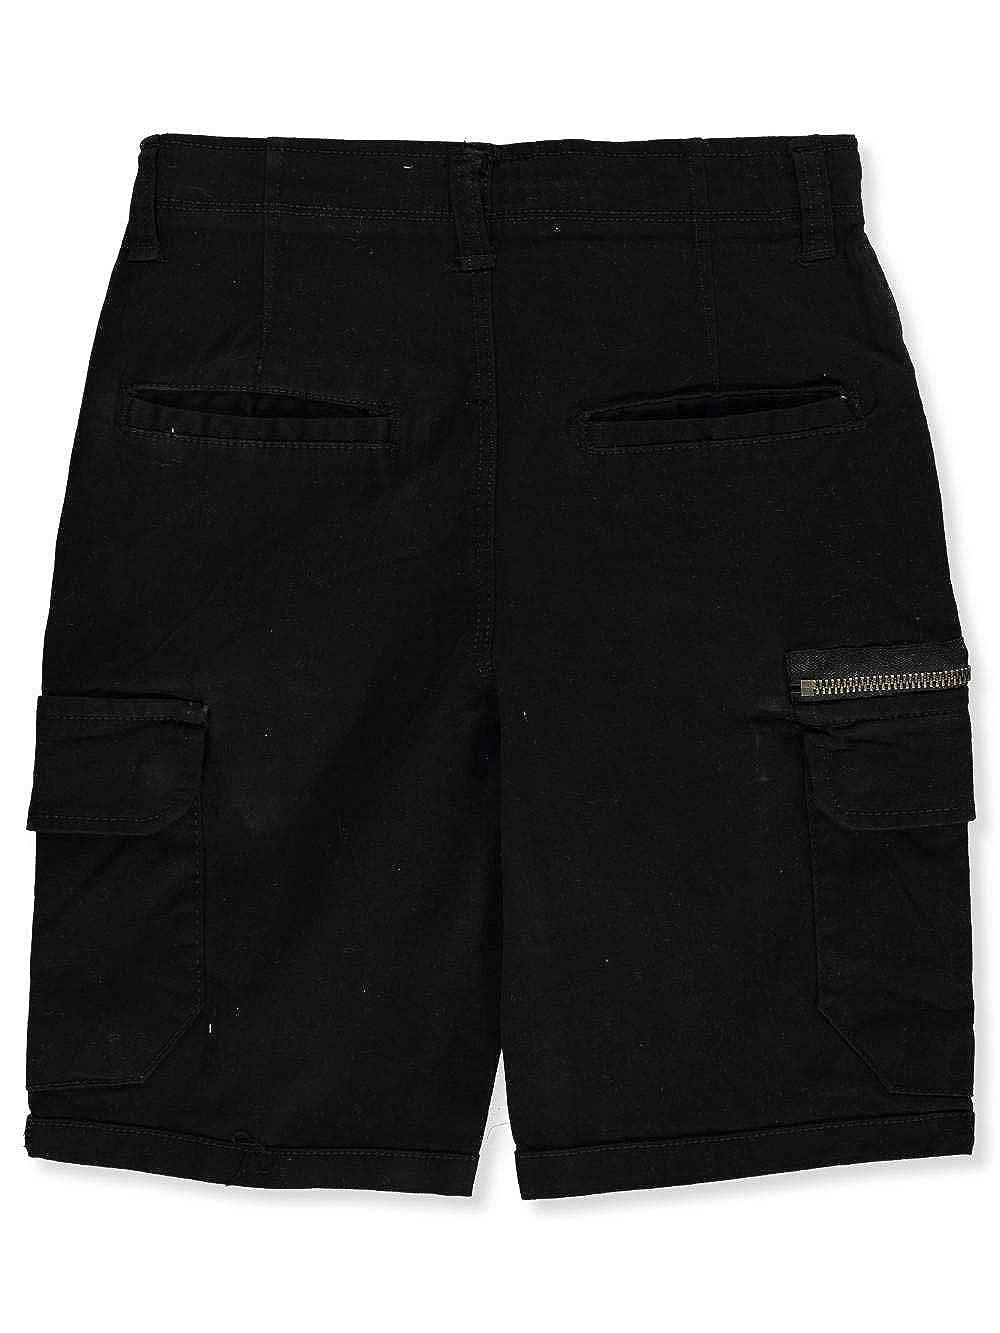 Smiths American Boys Cargo Shorts